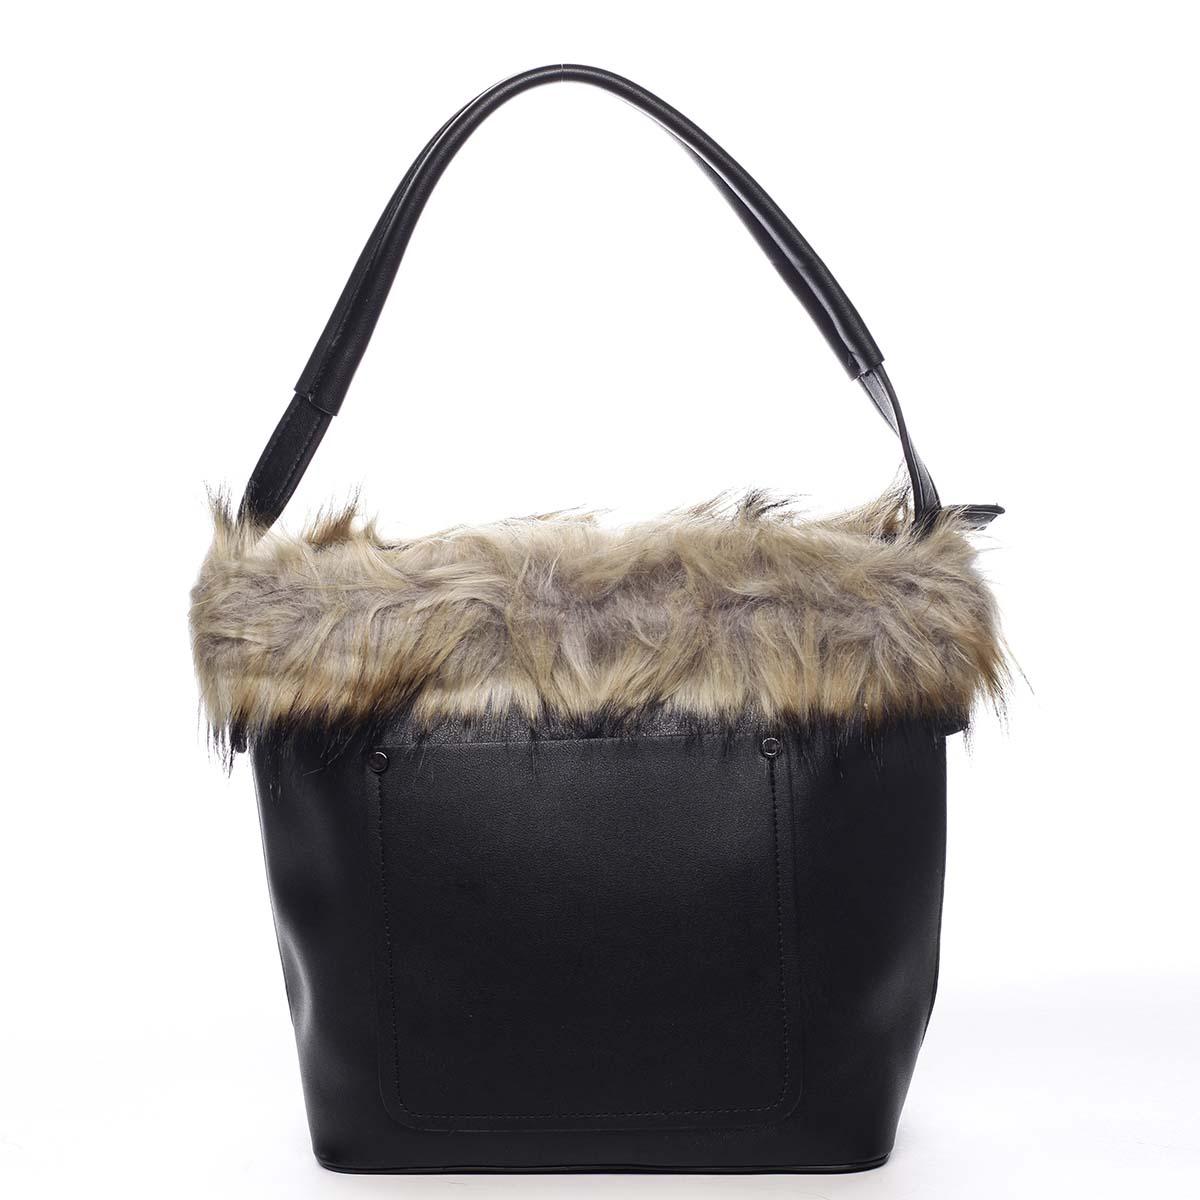 Dámská kabelka přes rameno černá - Maria C Triches